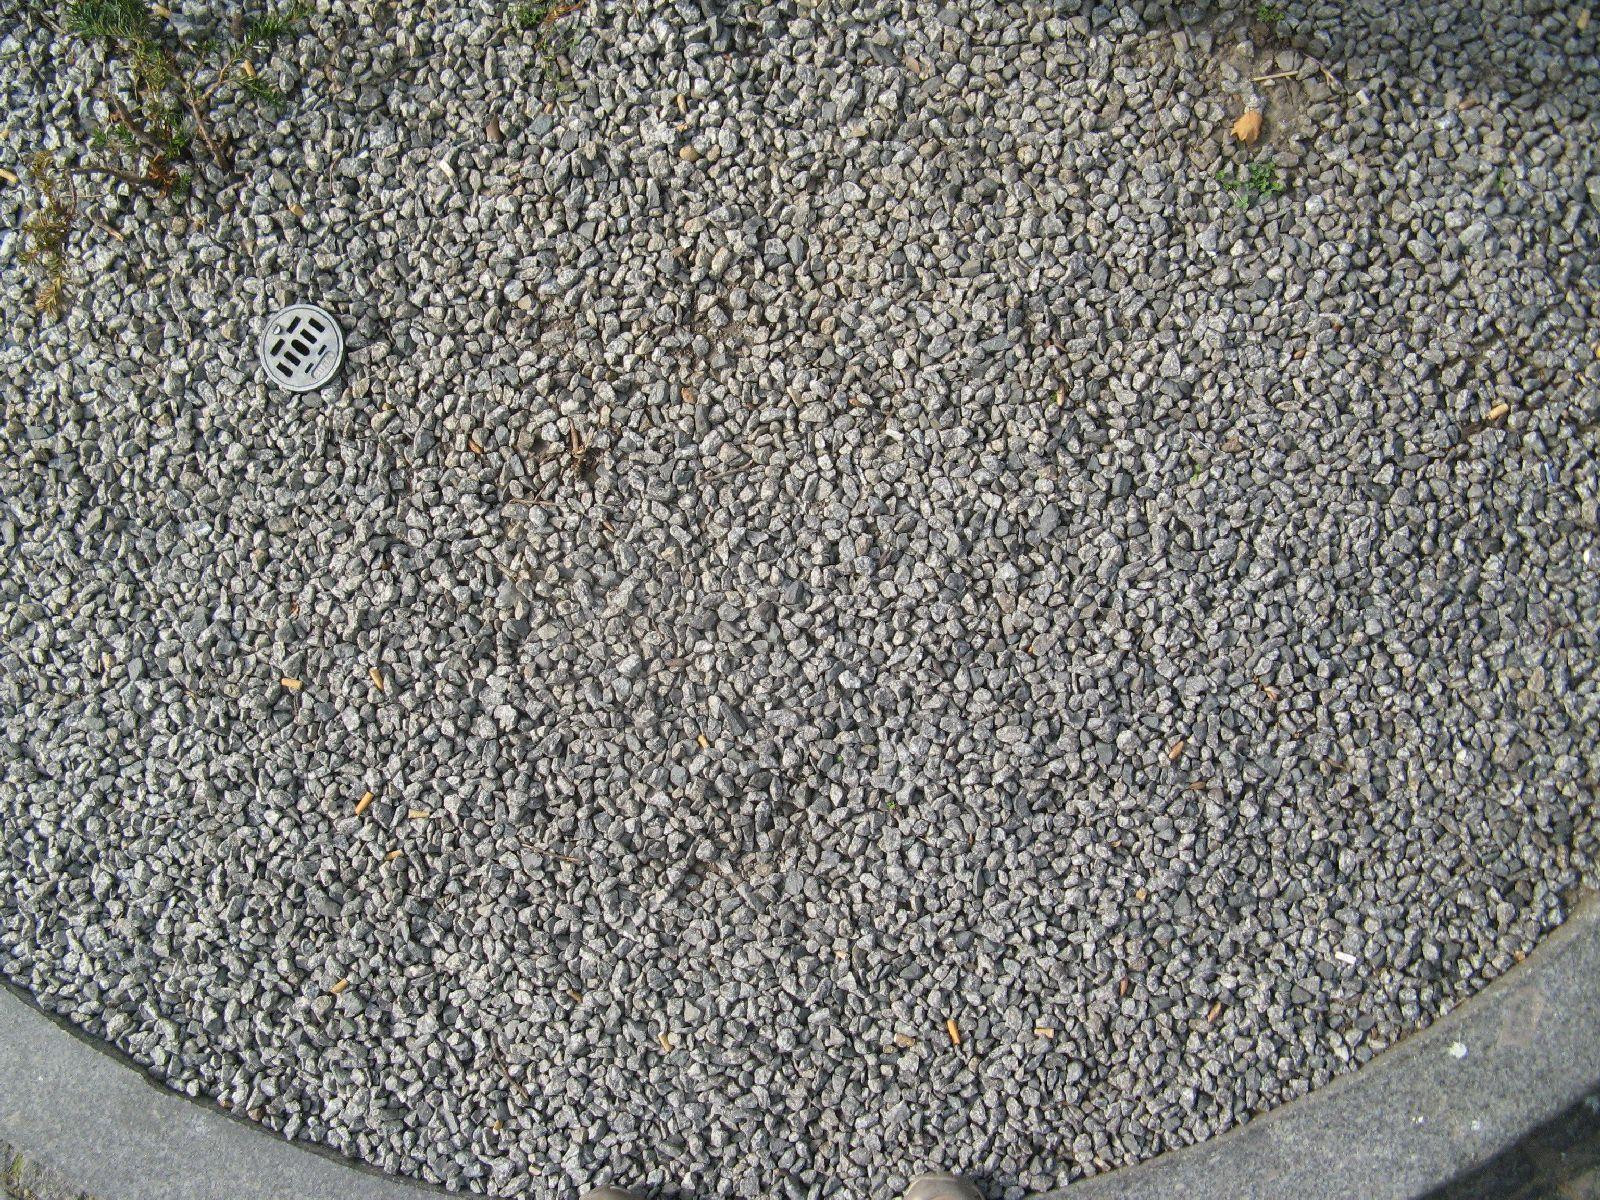 Ground-Urban_Texture_B_3592